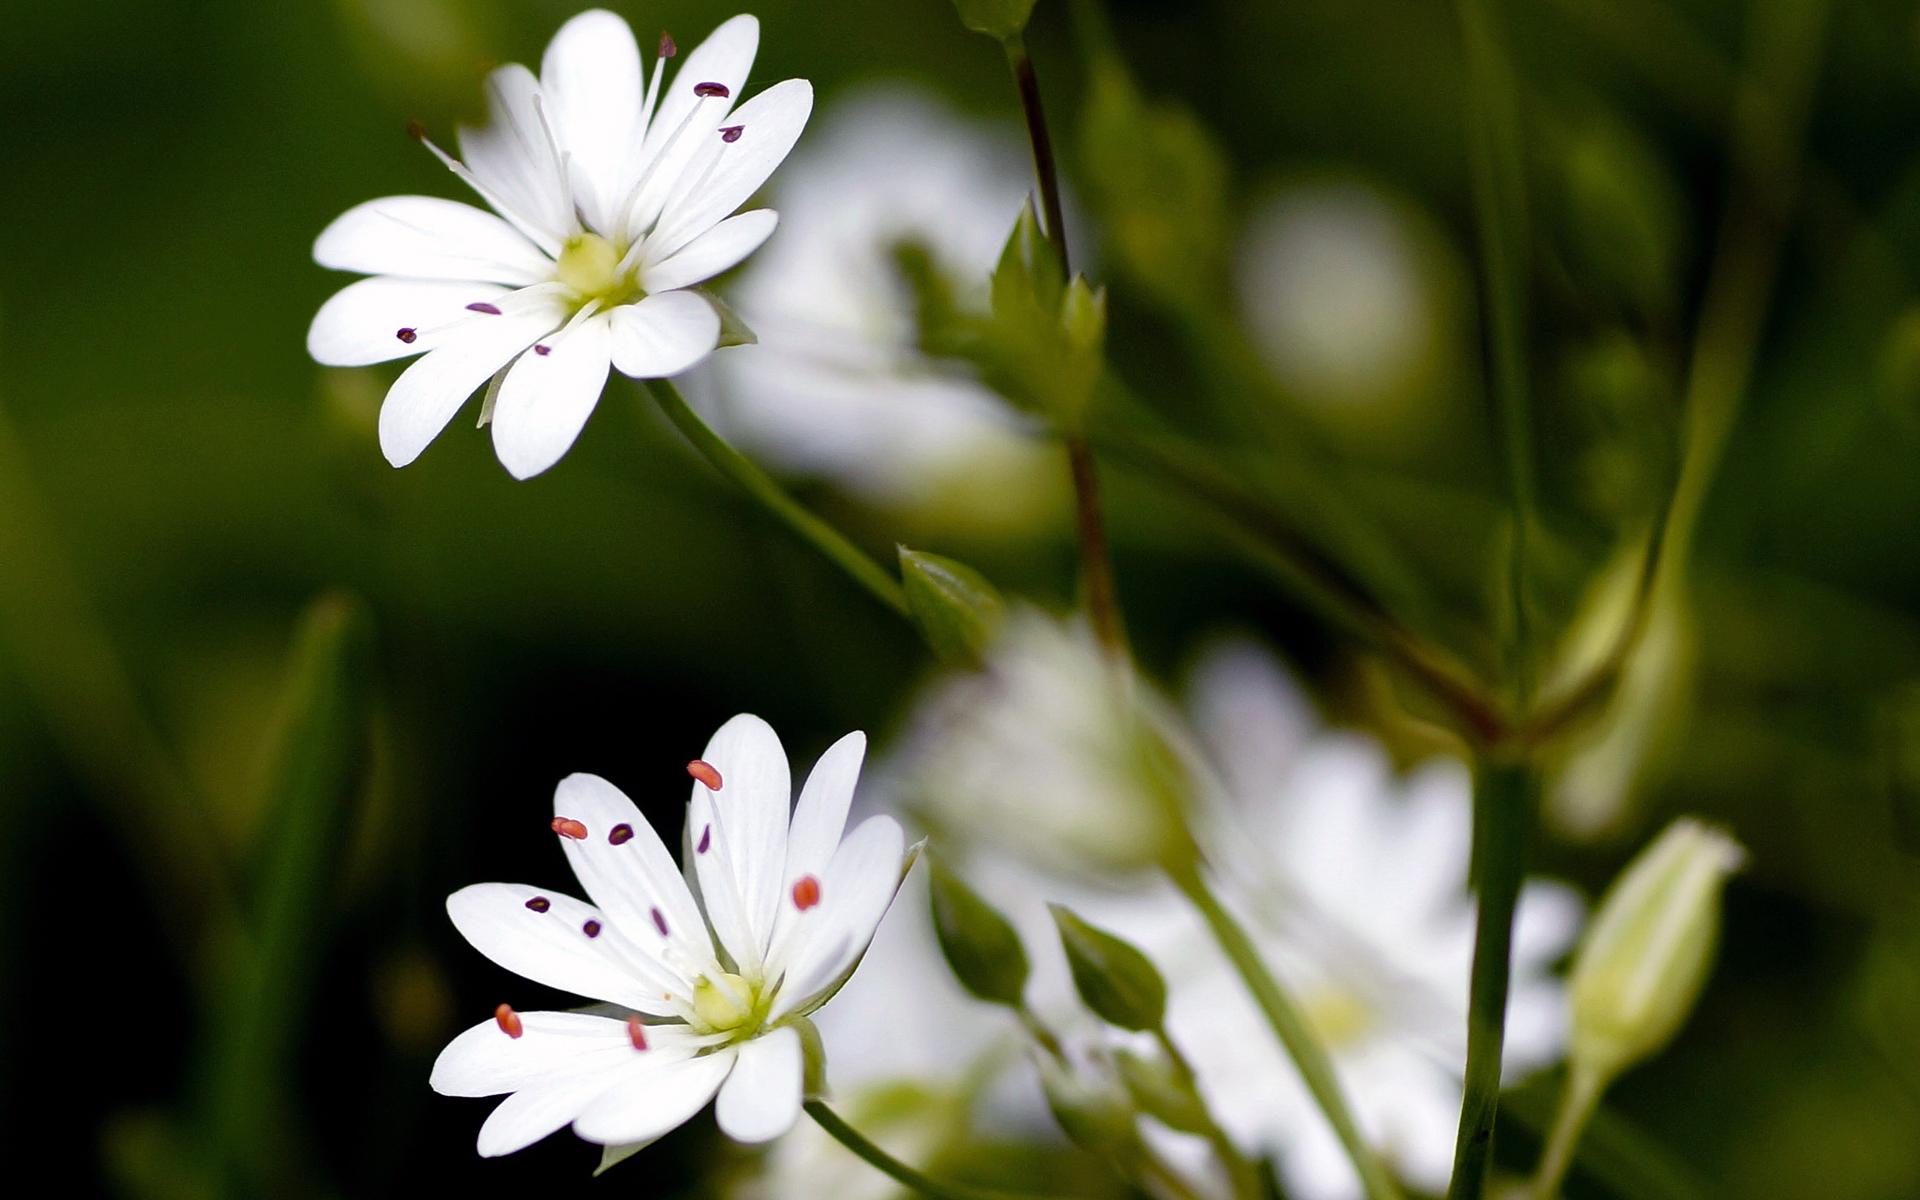 Stellaire à feuilles de graminée - Credit : Udo Schmidt - Flickr